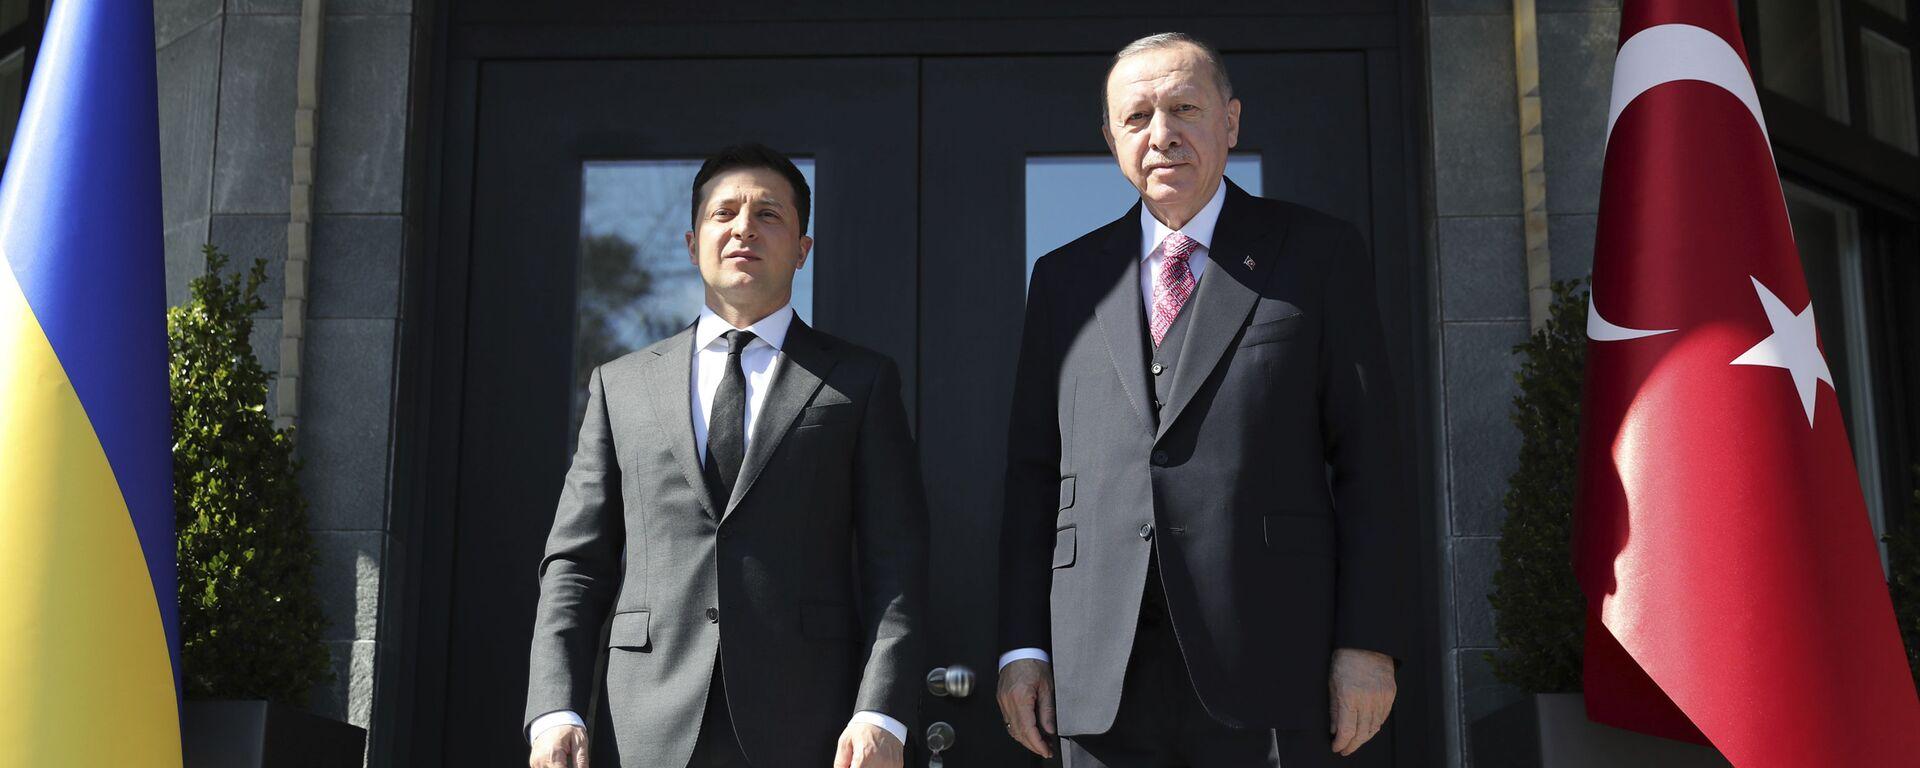 Predsednici Ukrajine i Turske, Vladimir Zelenski i Redžep Tajip Erdogan, na sastanku u Istanbulu - Sputnik Srbija, 1920, 11.04.2021